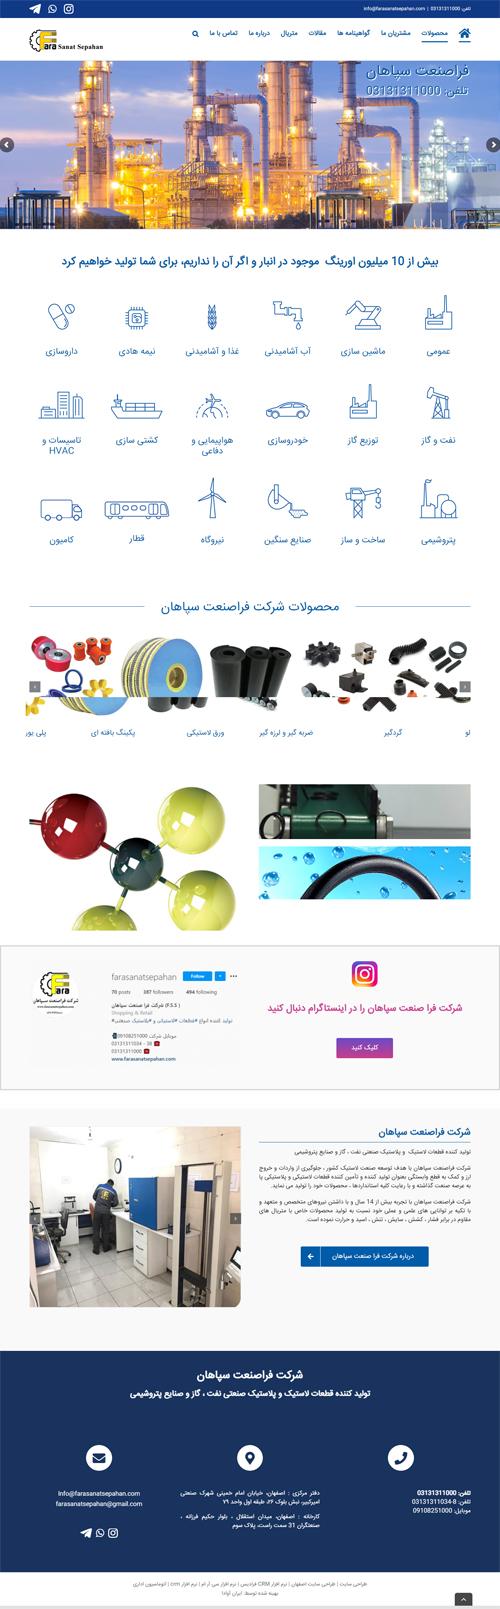 طراحی سایت صفحه اول فراصنعت سپاهان